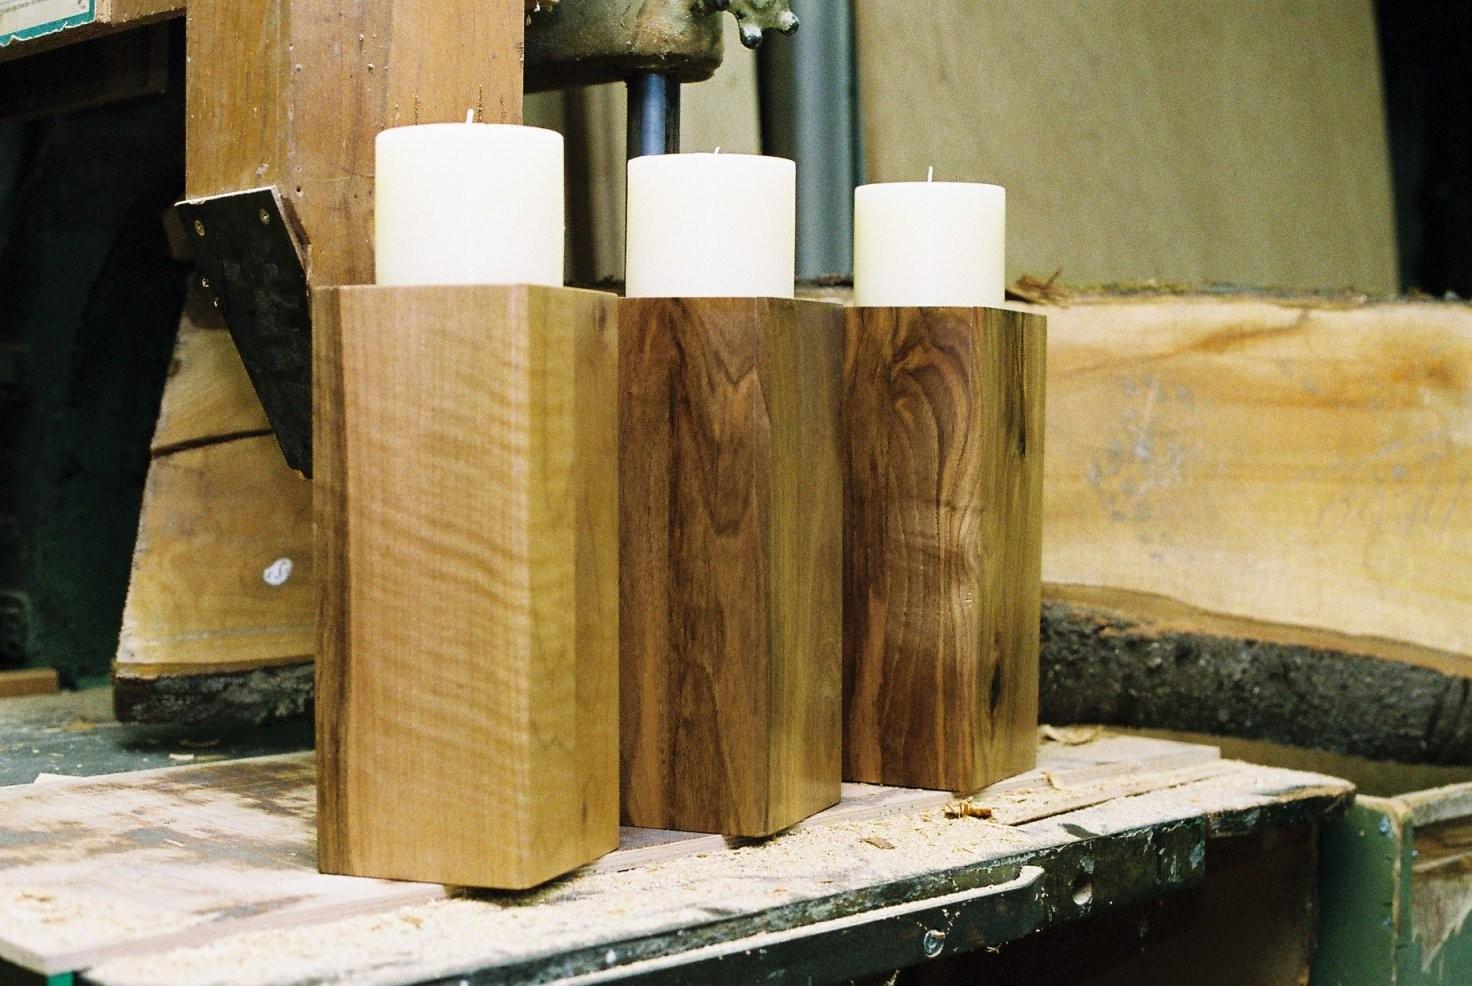 The Best Best  Ideen Aus Holz Selber Machen von Holz Kerzenständer Selber Machen Photo